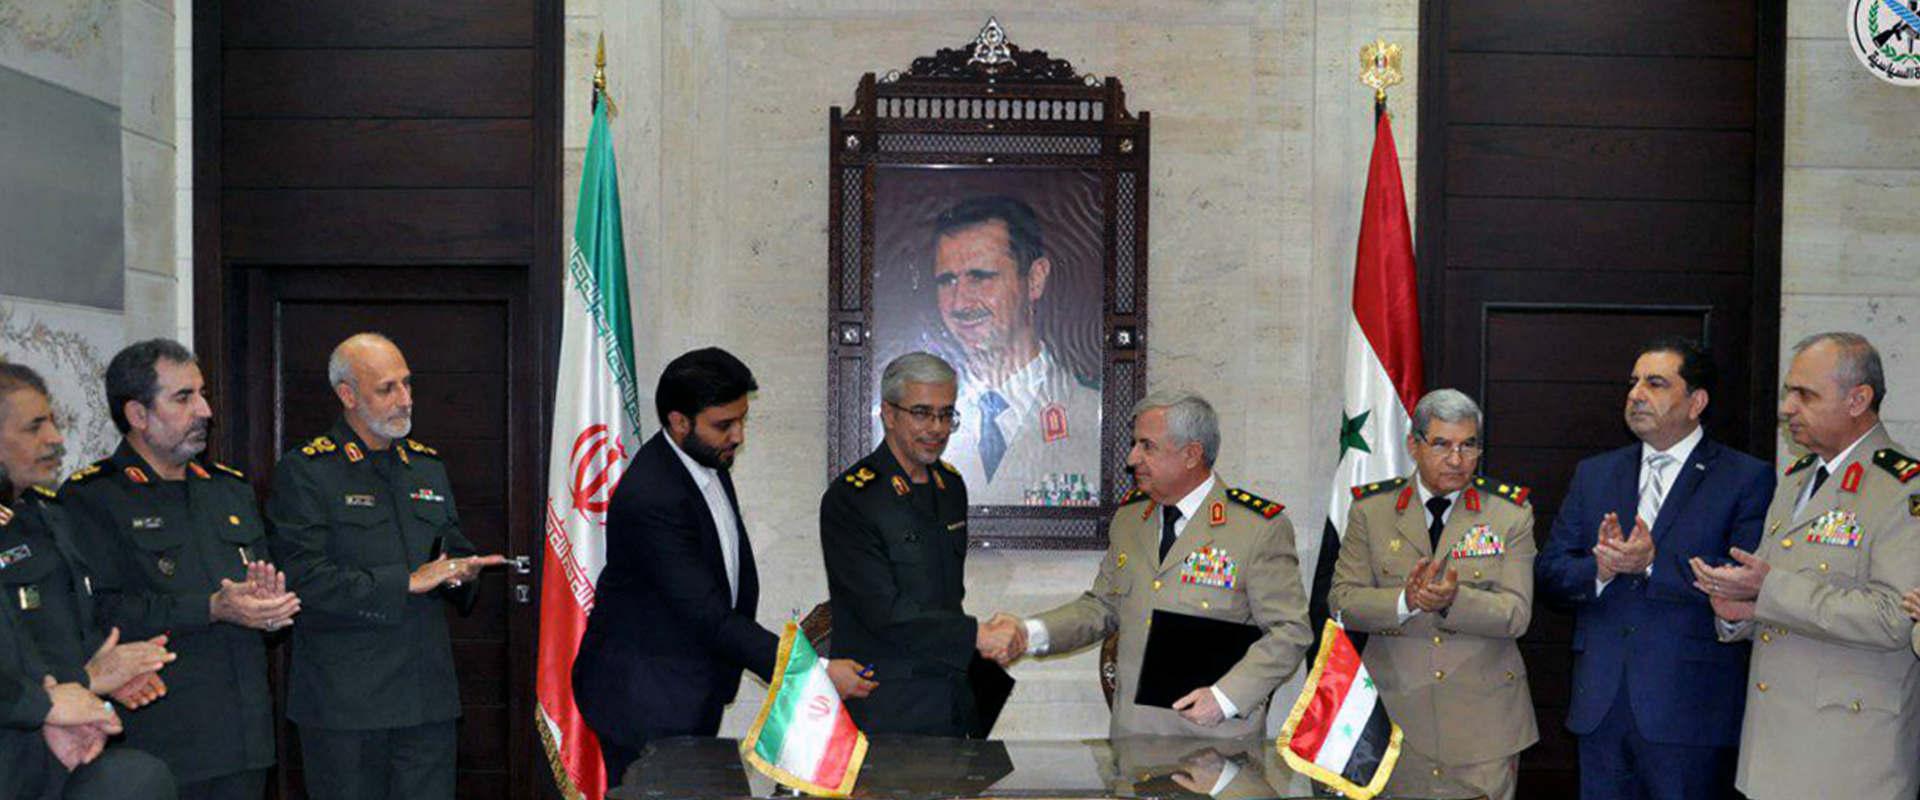 """רמטכ""""לי סוריה ואיראן בפגישה בדמשק"""